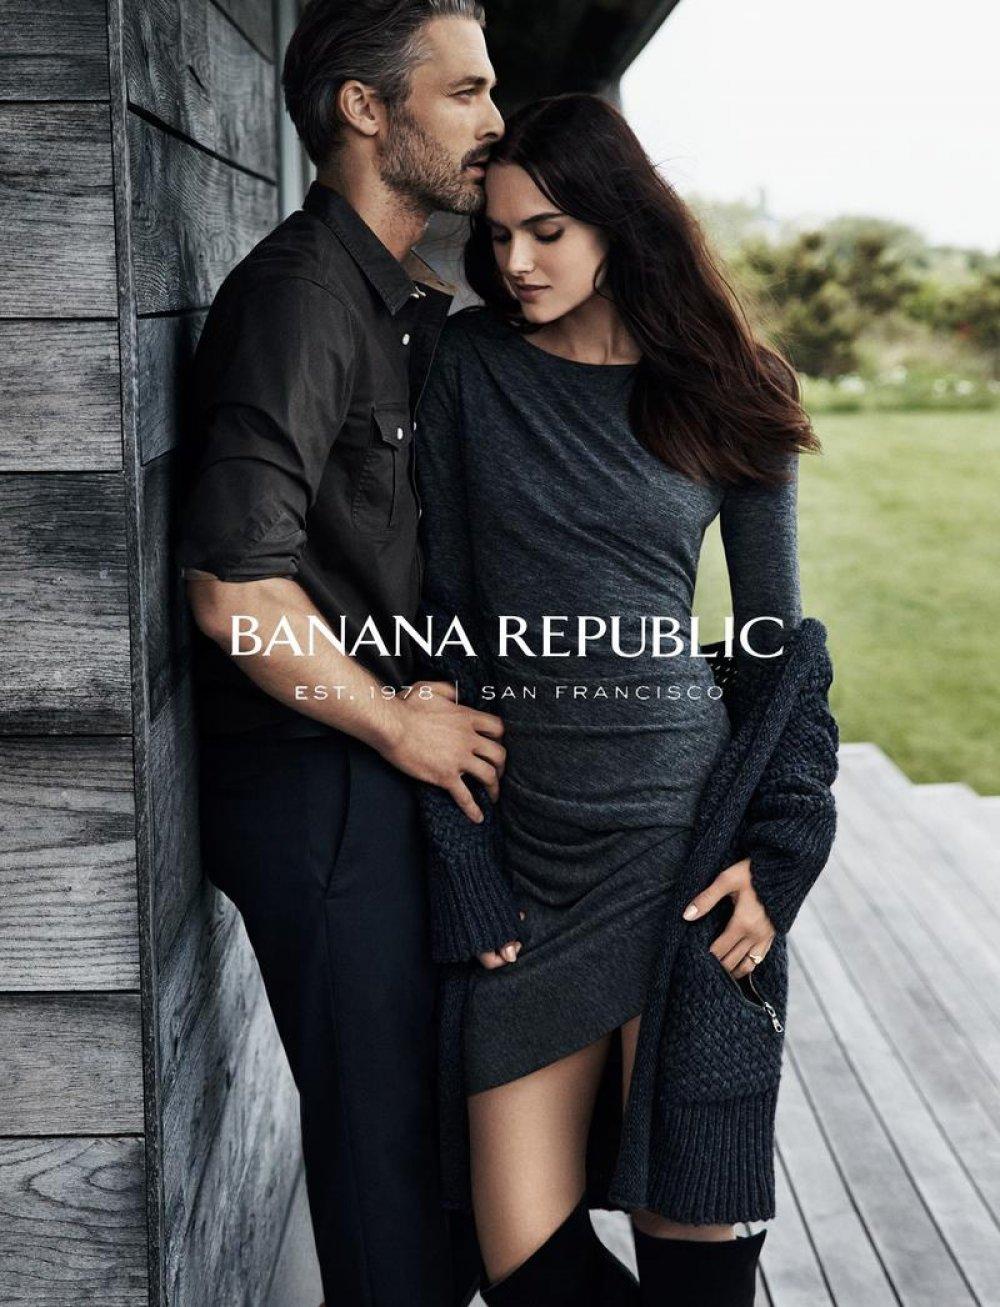 Ben and tao for banana republic fall 2014 campaign for Banana republic milano sito ufficiale